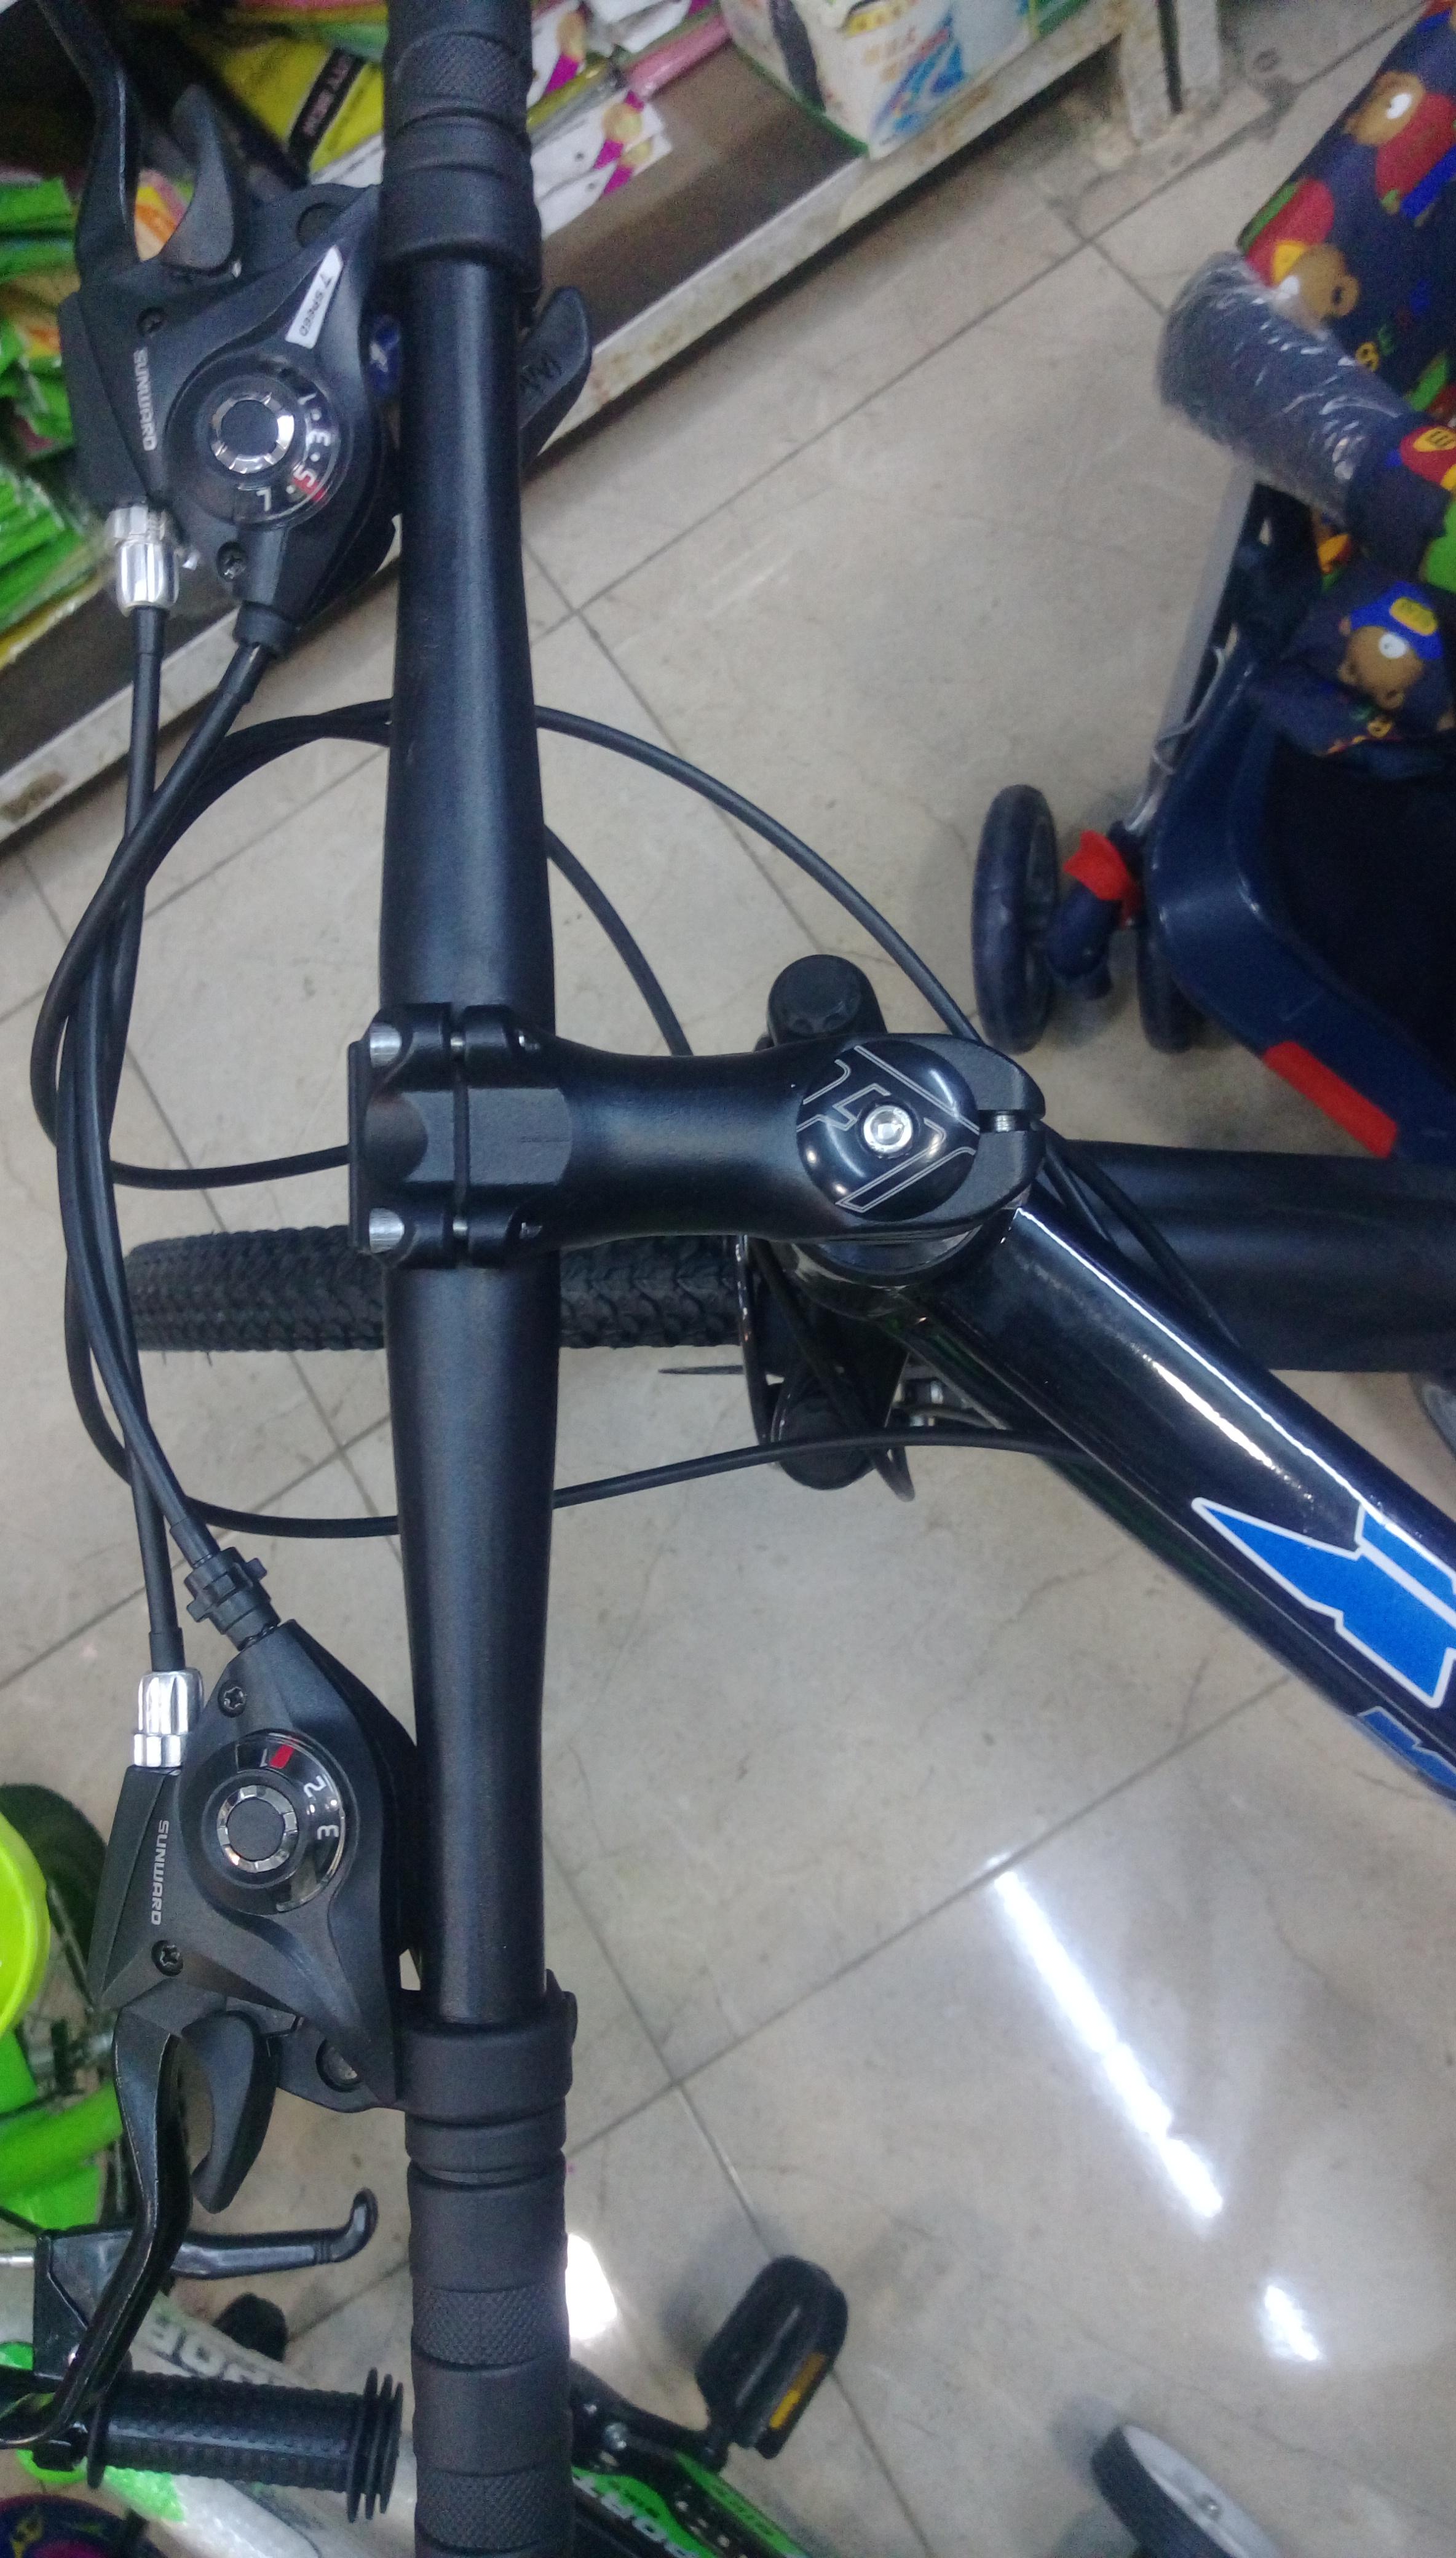 للبيع سيارة كهربائية-  دراجه هوائيه مقاس 26 انش...